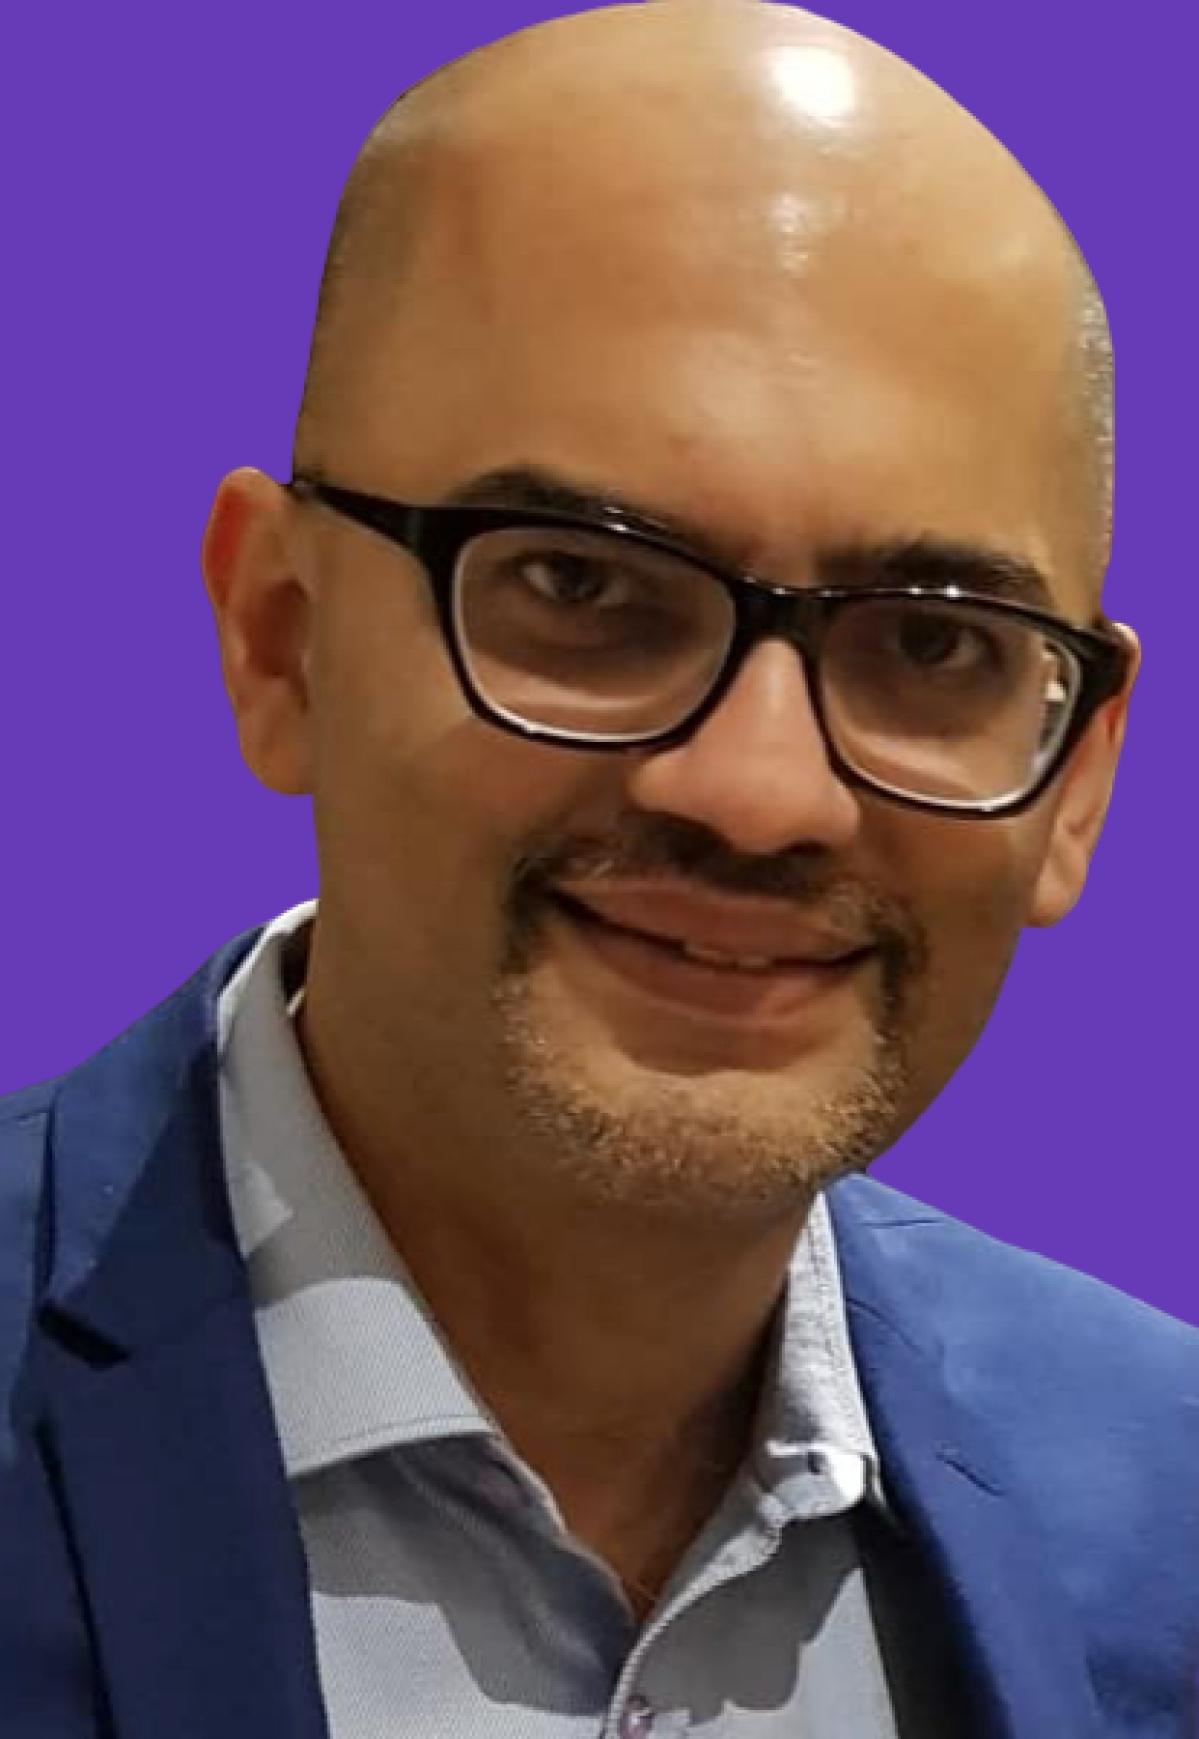 Subhash Motwani